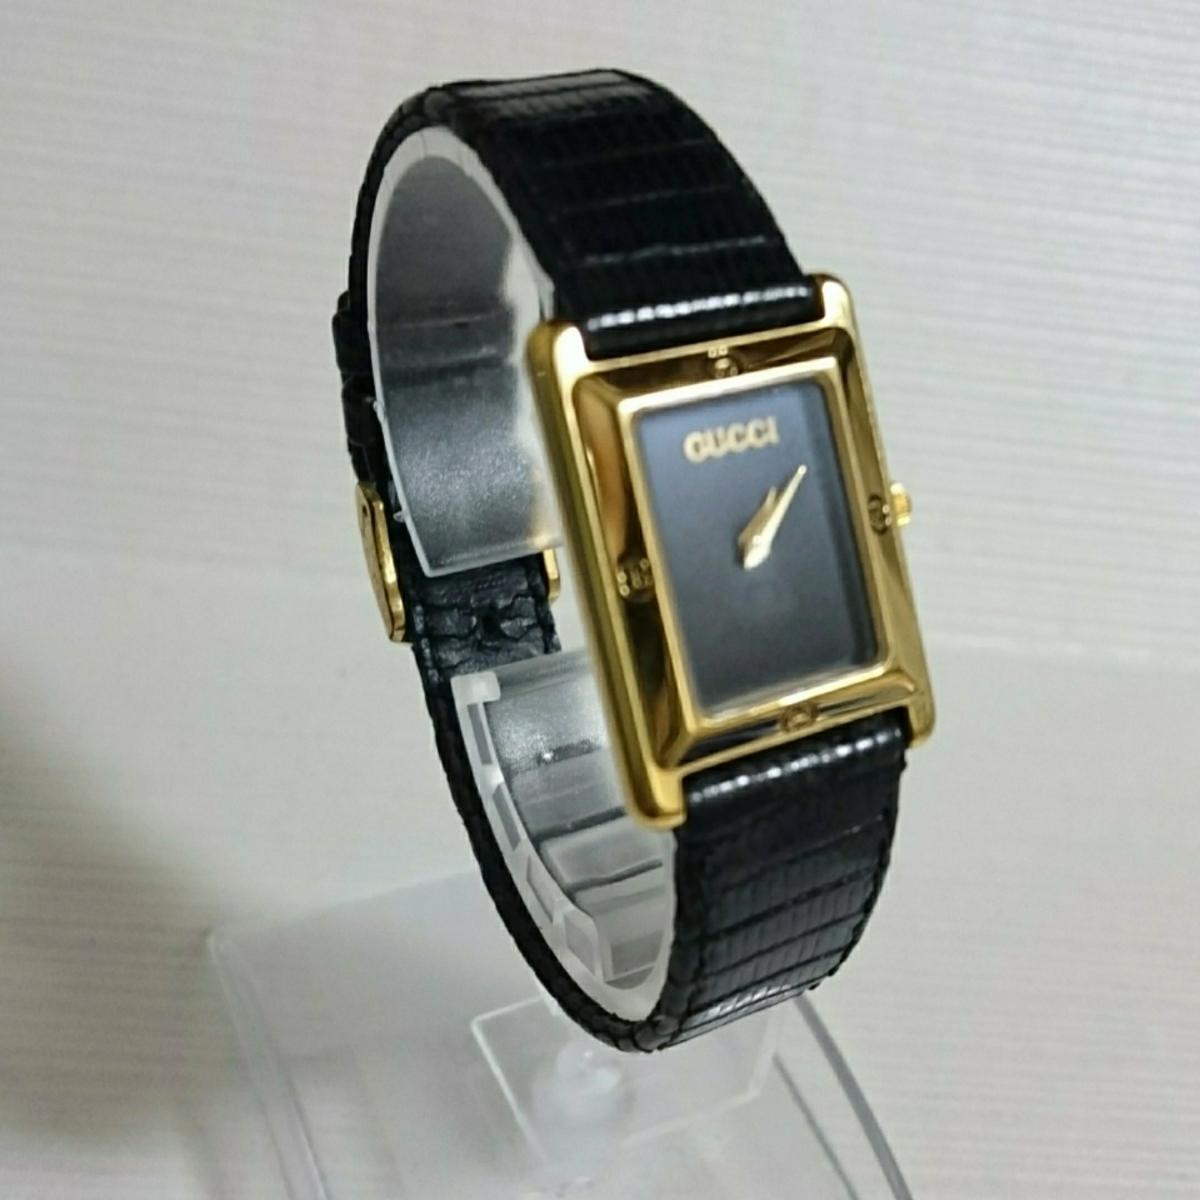 腕時計 グッチ 4100L スクエアブラック文字盤 レディース腕時計_画像2